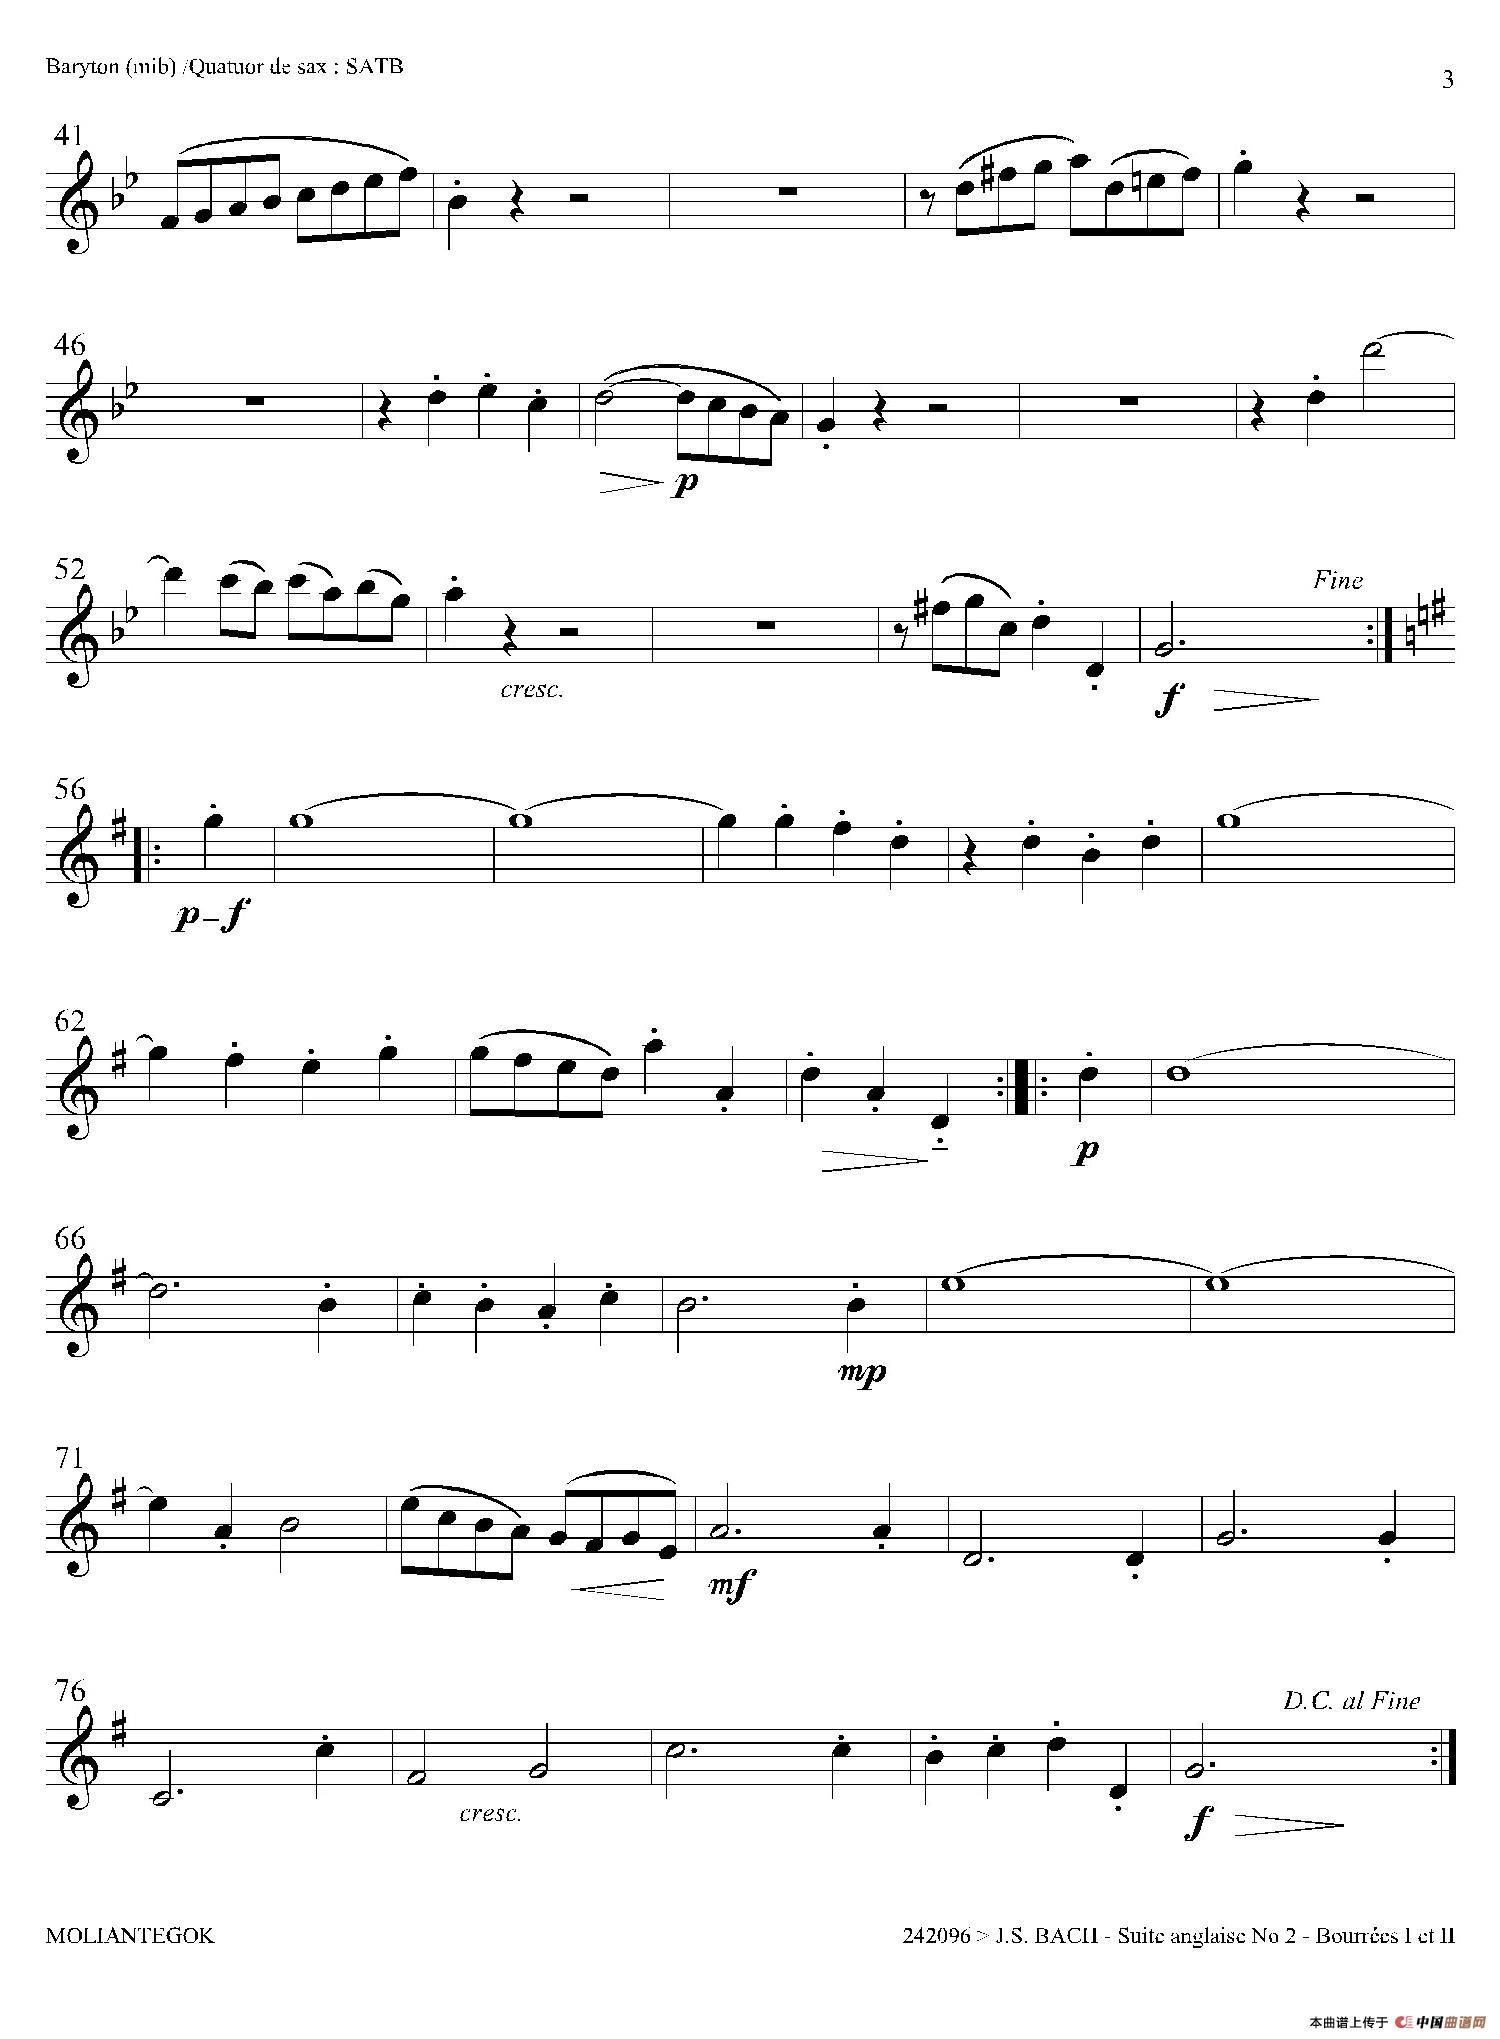 欧布奥特曼口琴曲谱-Suite anglaise No 2,BWV 807 法国组曲之二 布列舞曲 上低音萨克斯分谱